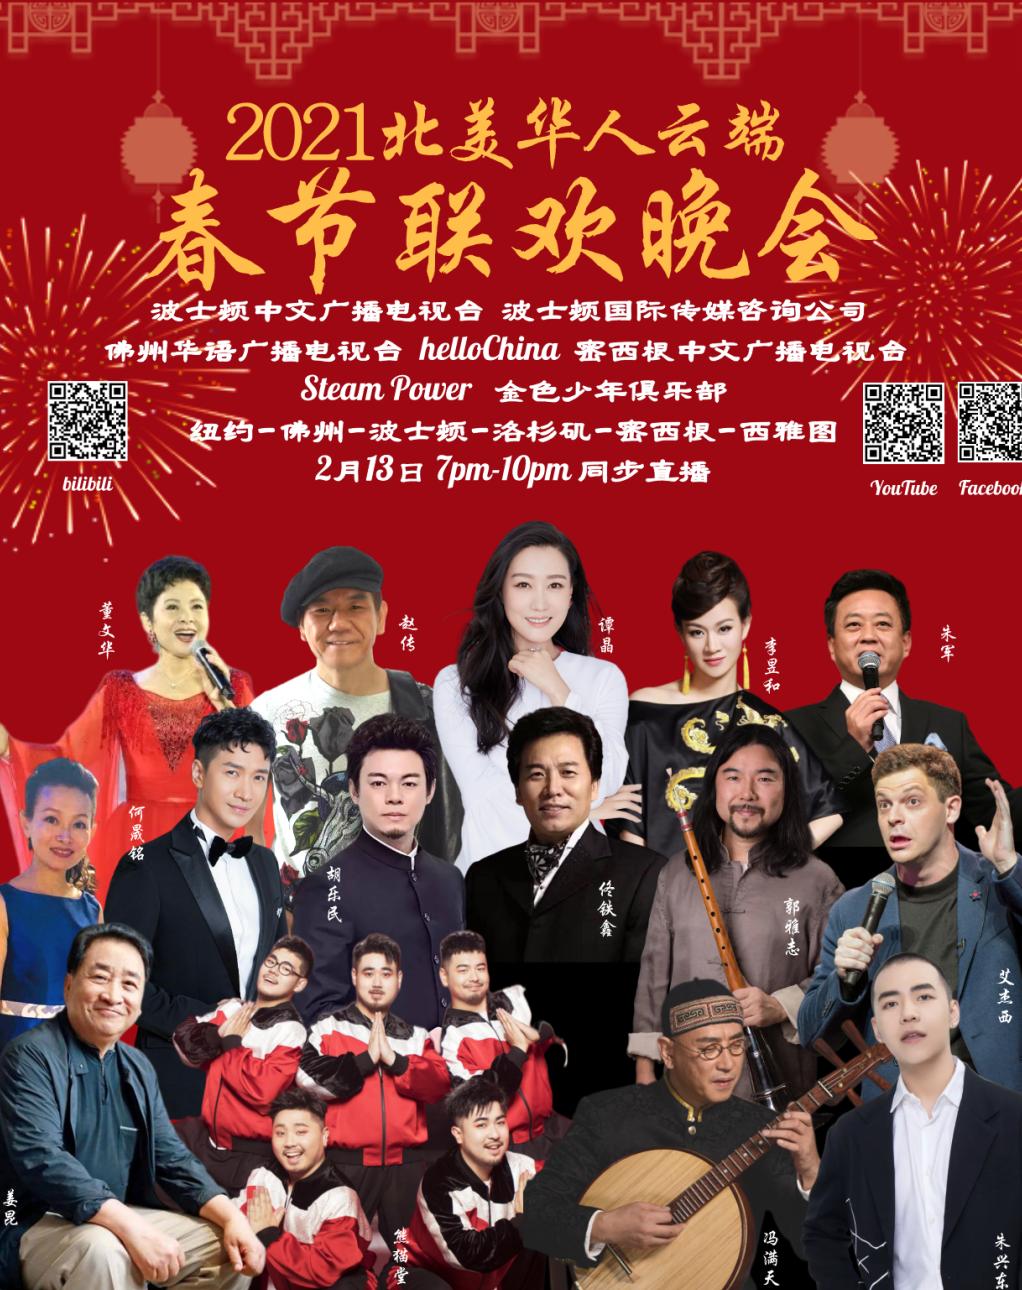 2021北美华人云端春节联欢晚会将于2月13日盛情演绎